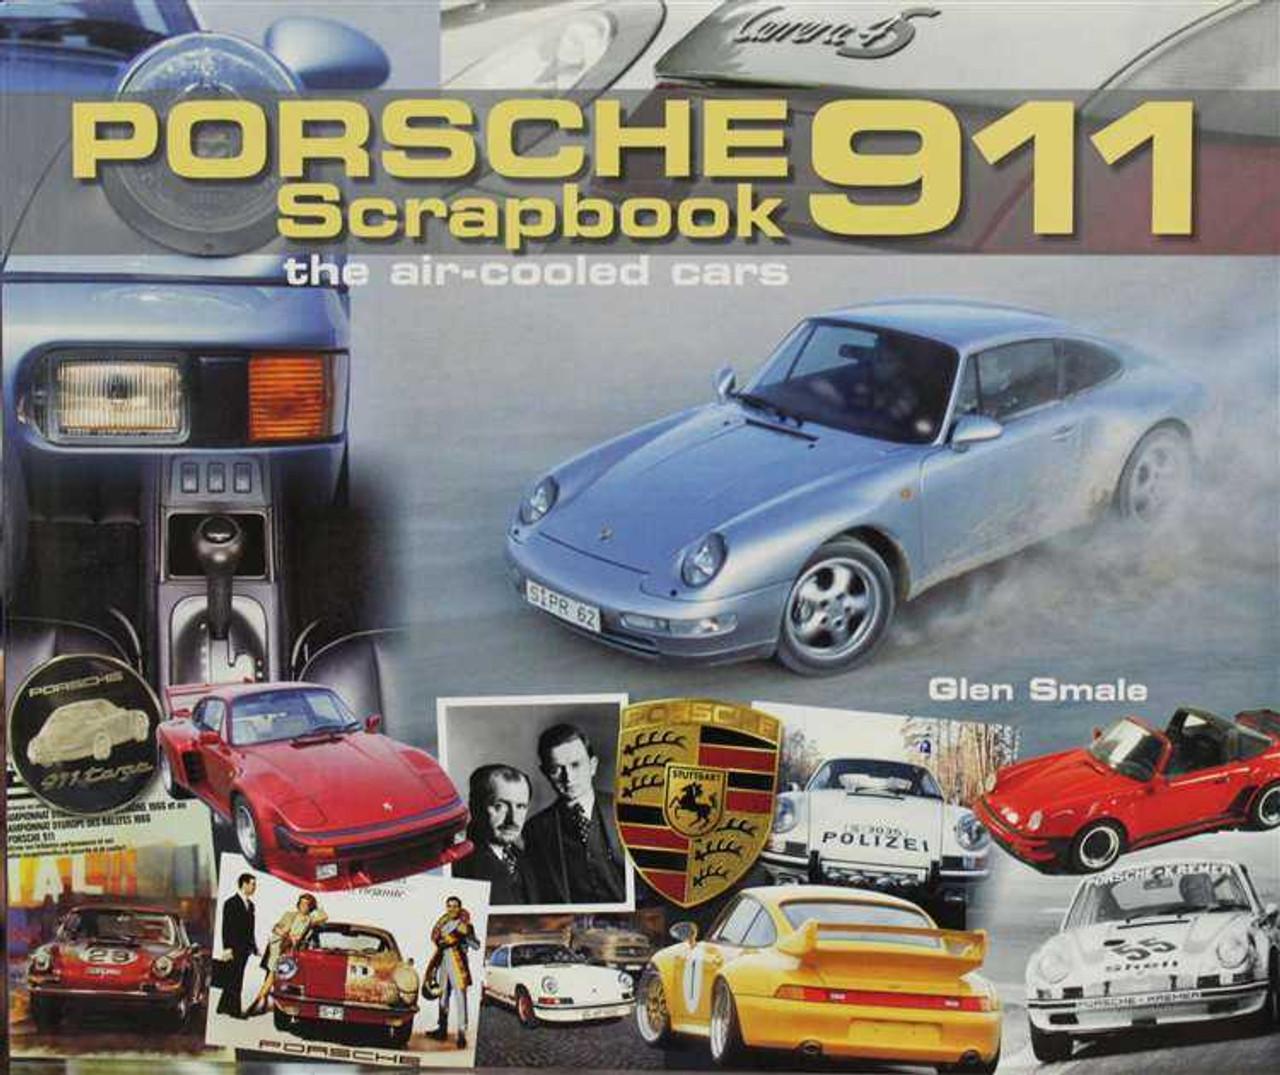 Porsche 911 2 7 Engine Weight: Porsche 911 Scrapbook: The Air-Cooled Cars